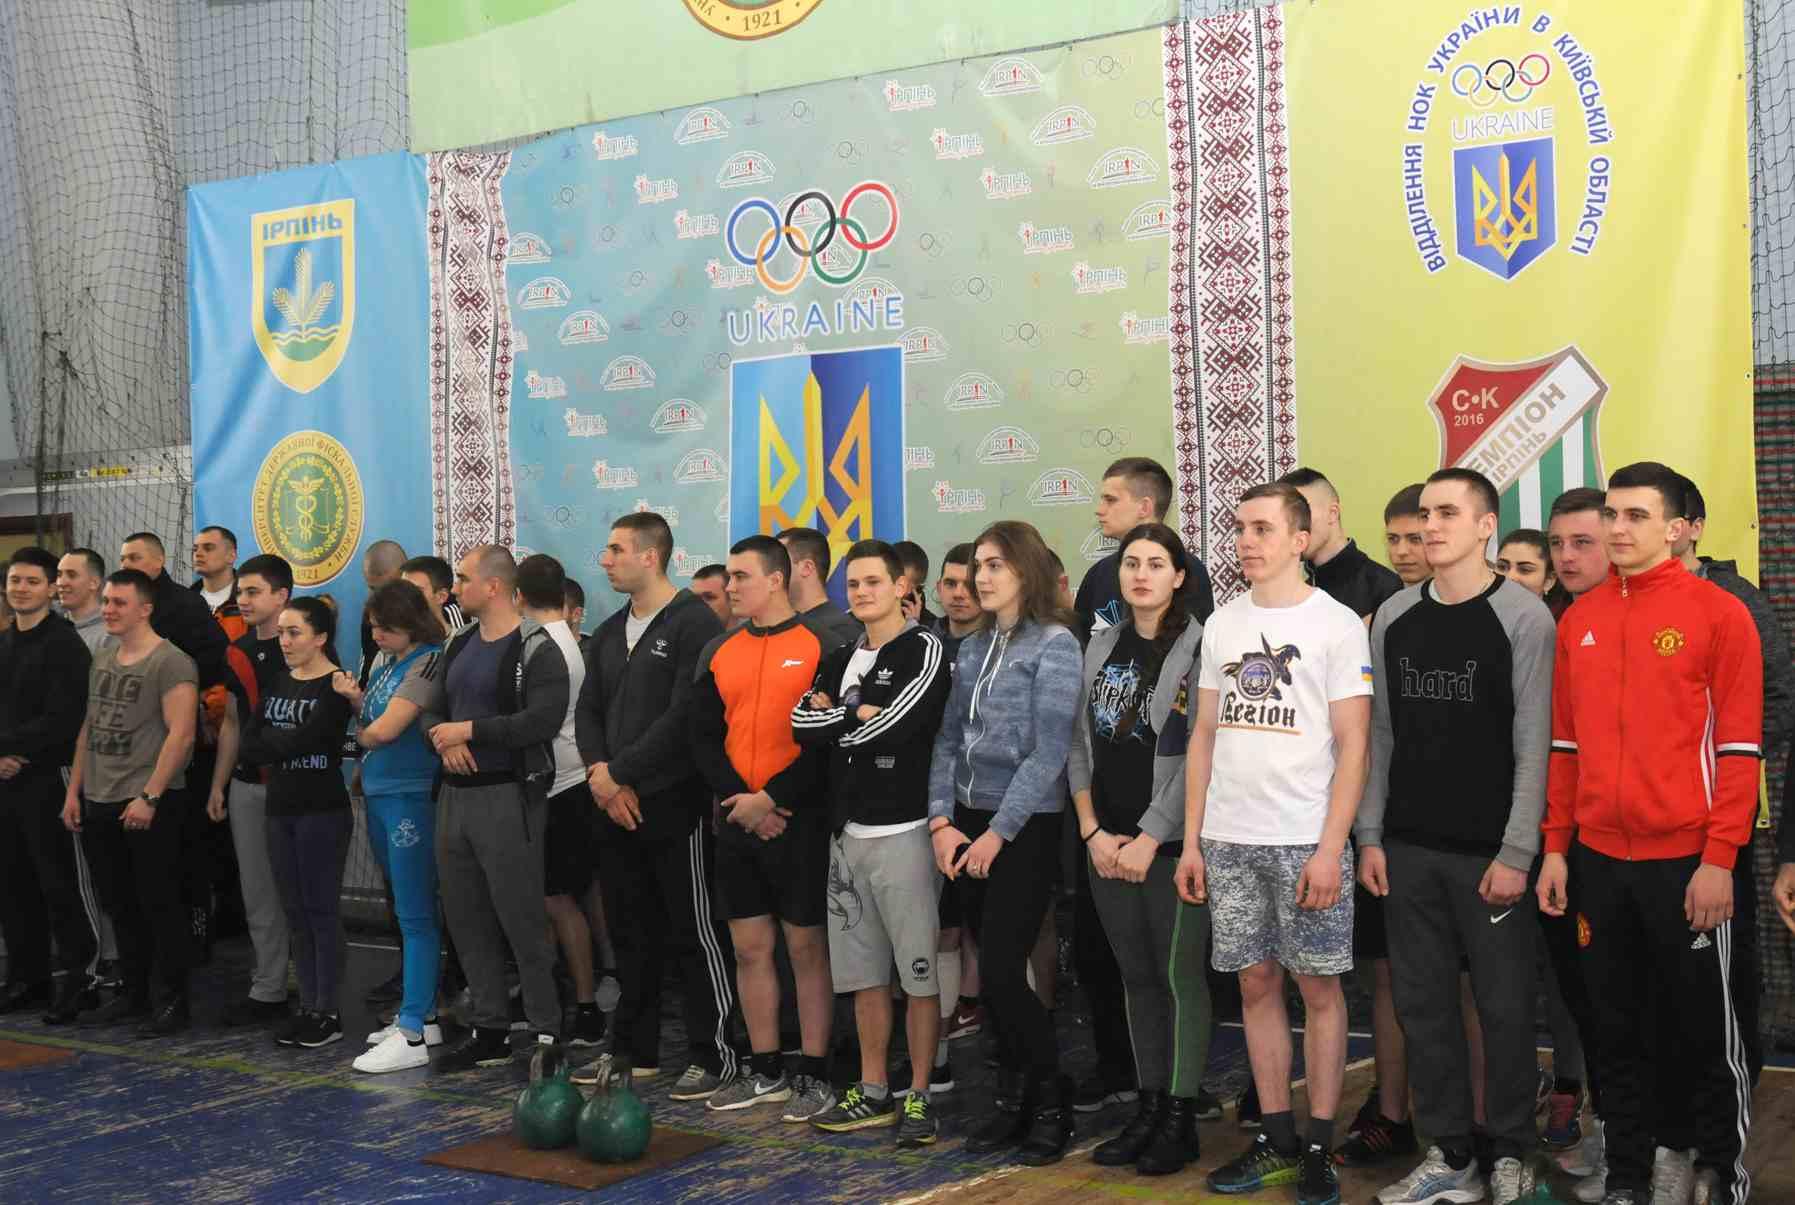 В Університеті пройшли змагання з гирьового спорту